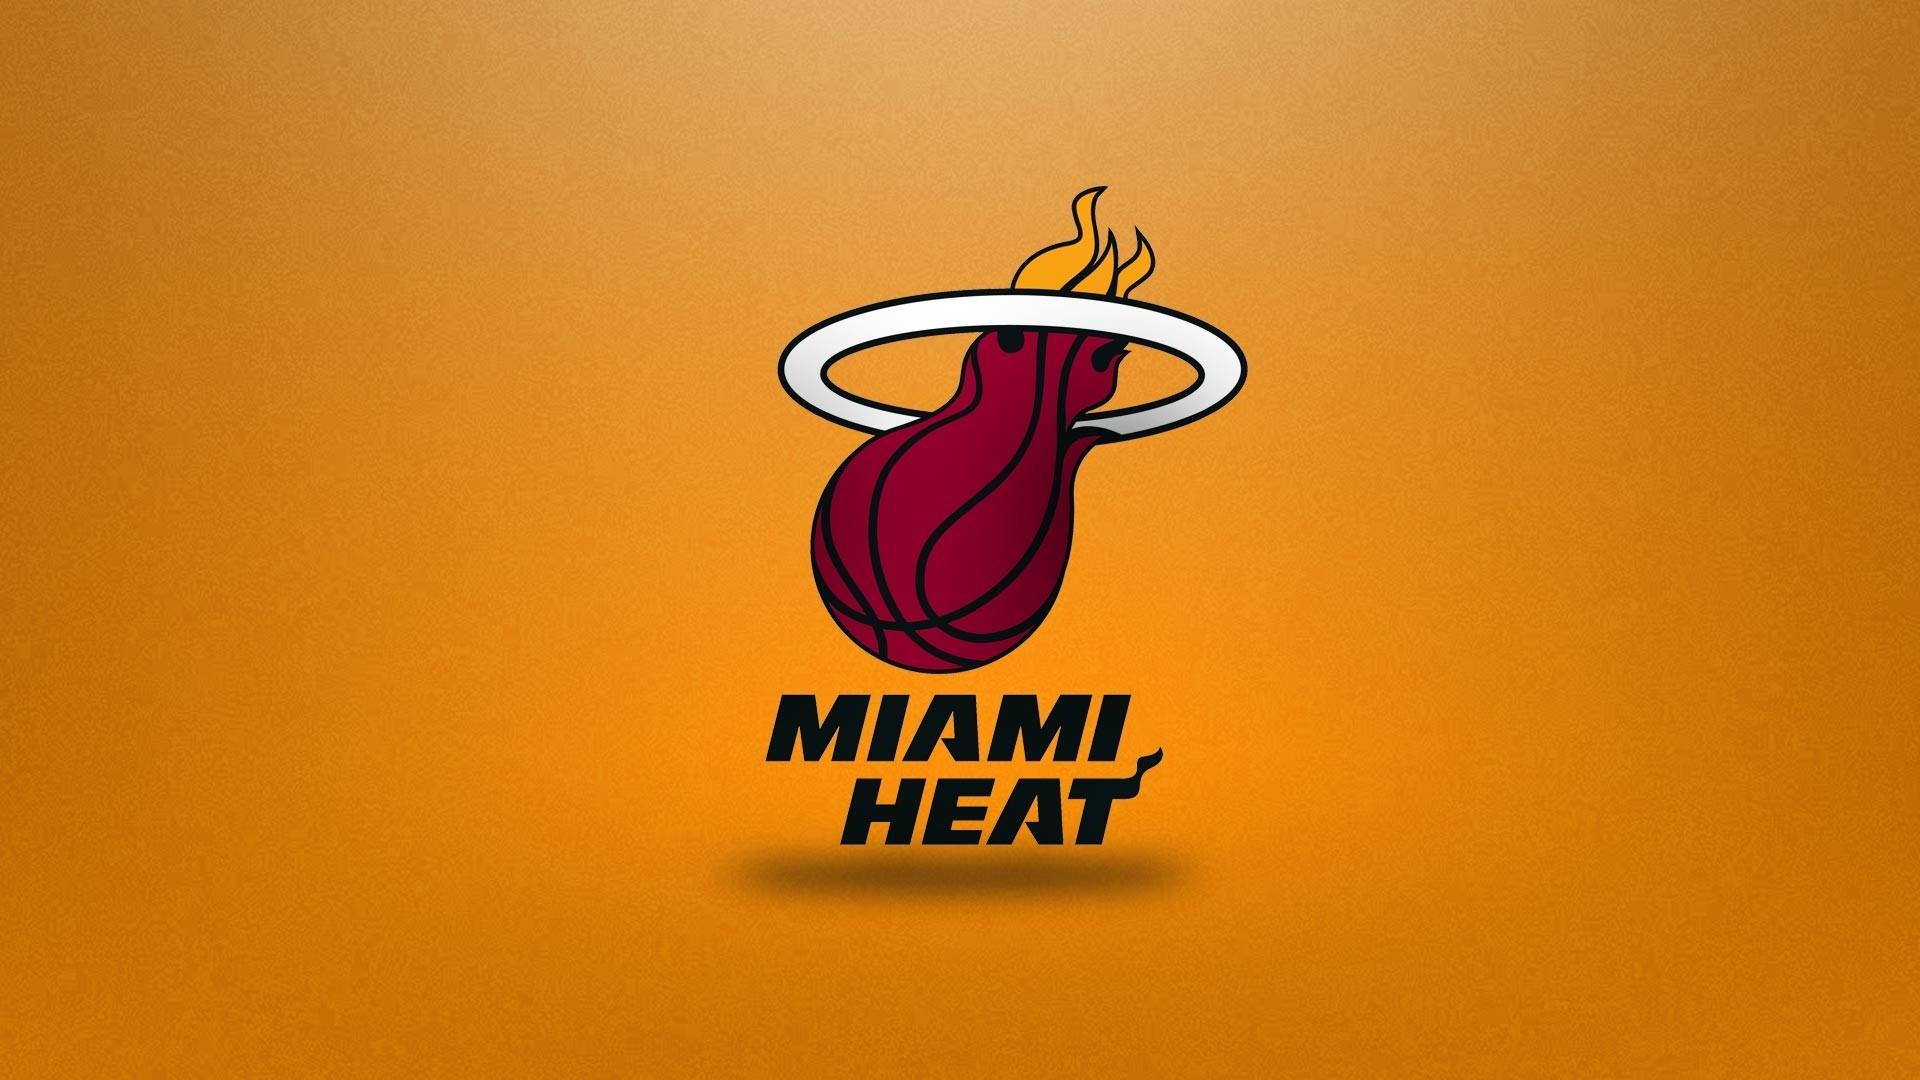 Miami Heat HD Wallpaper